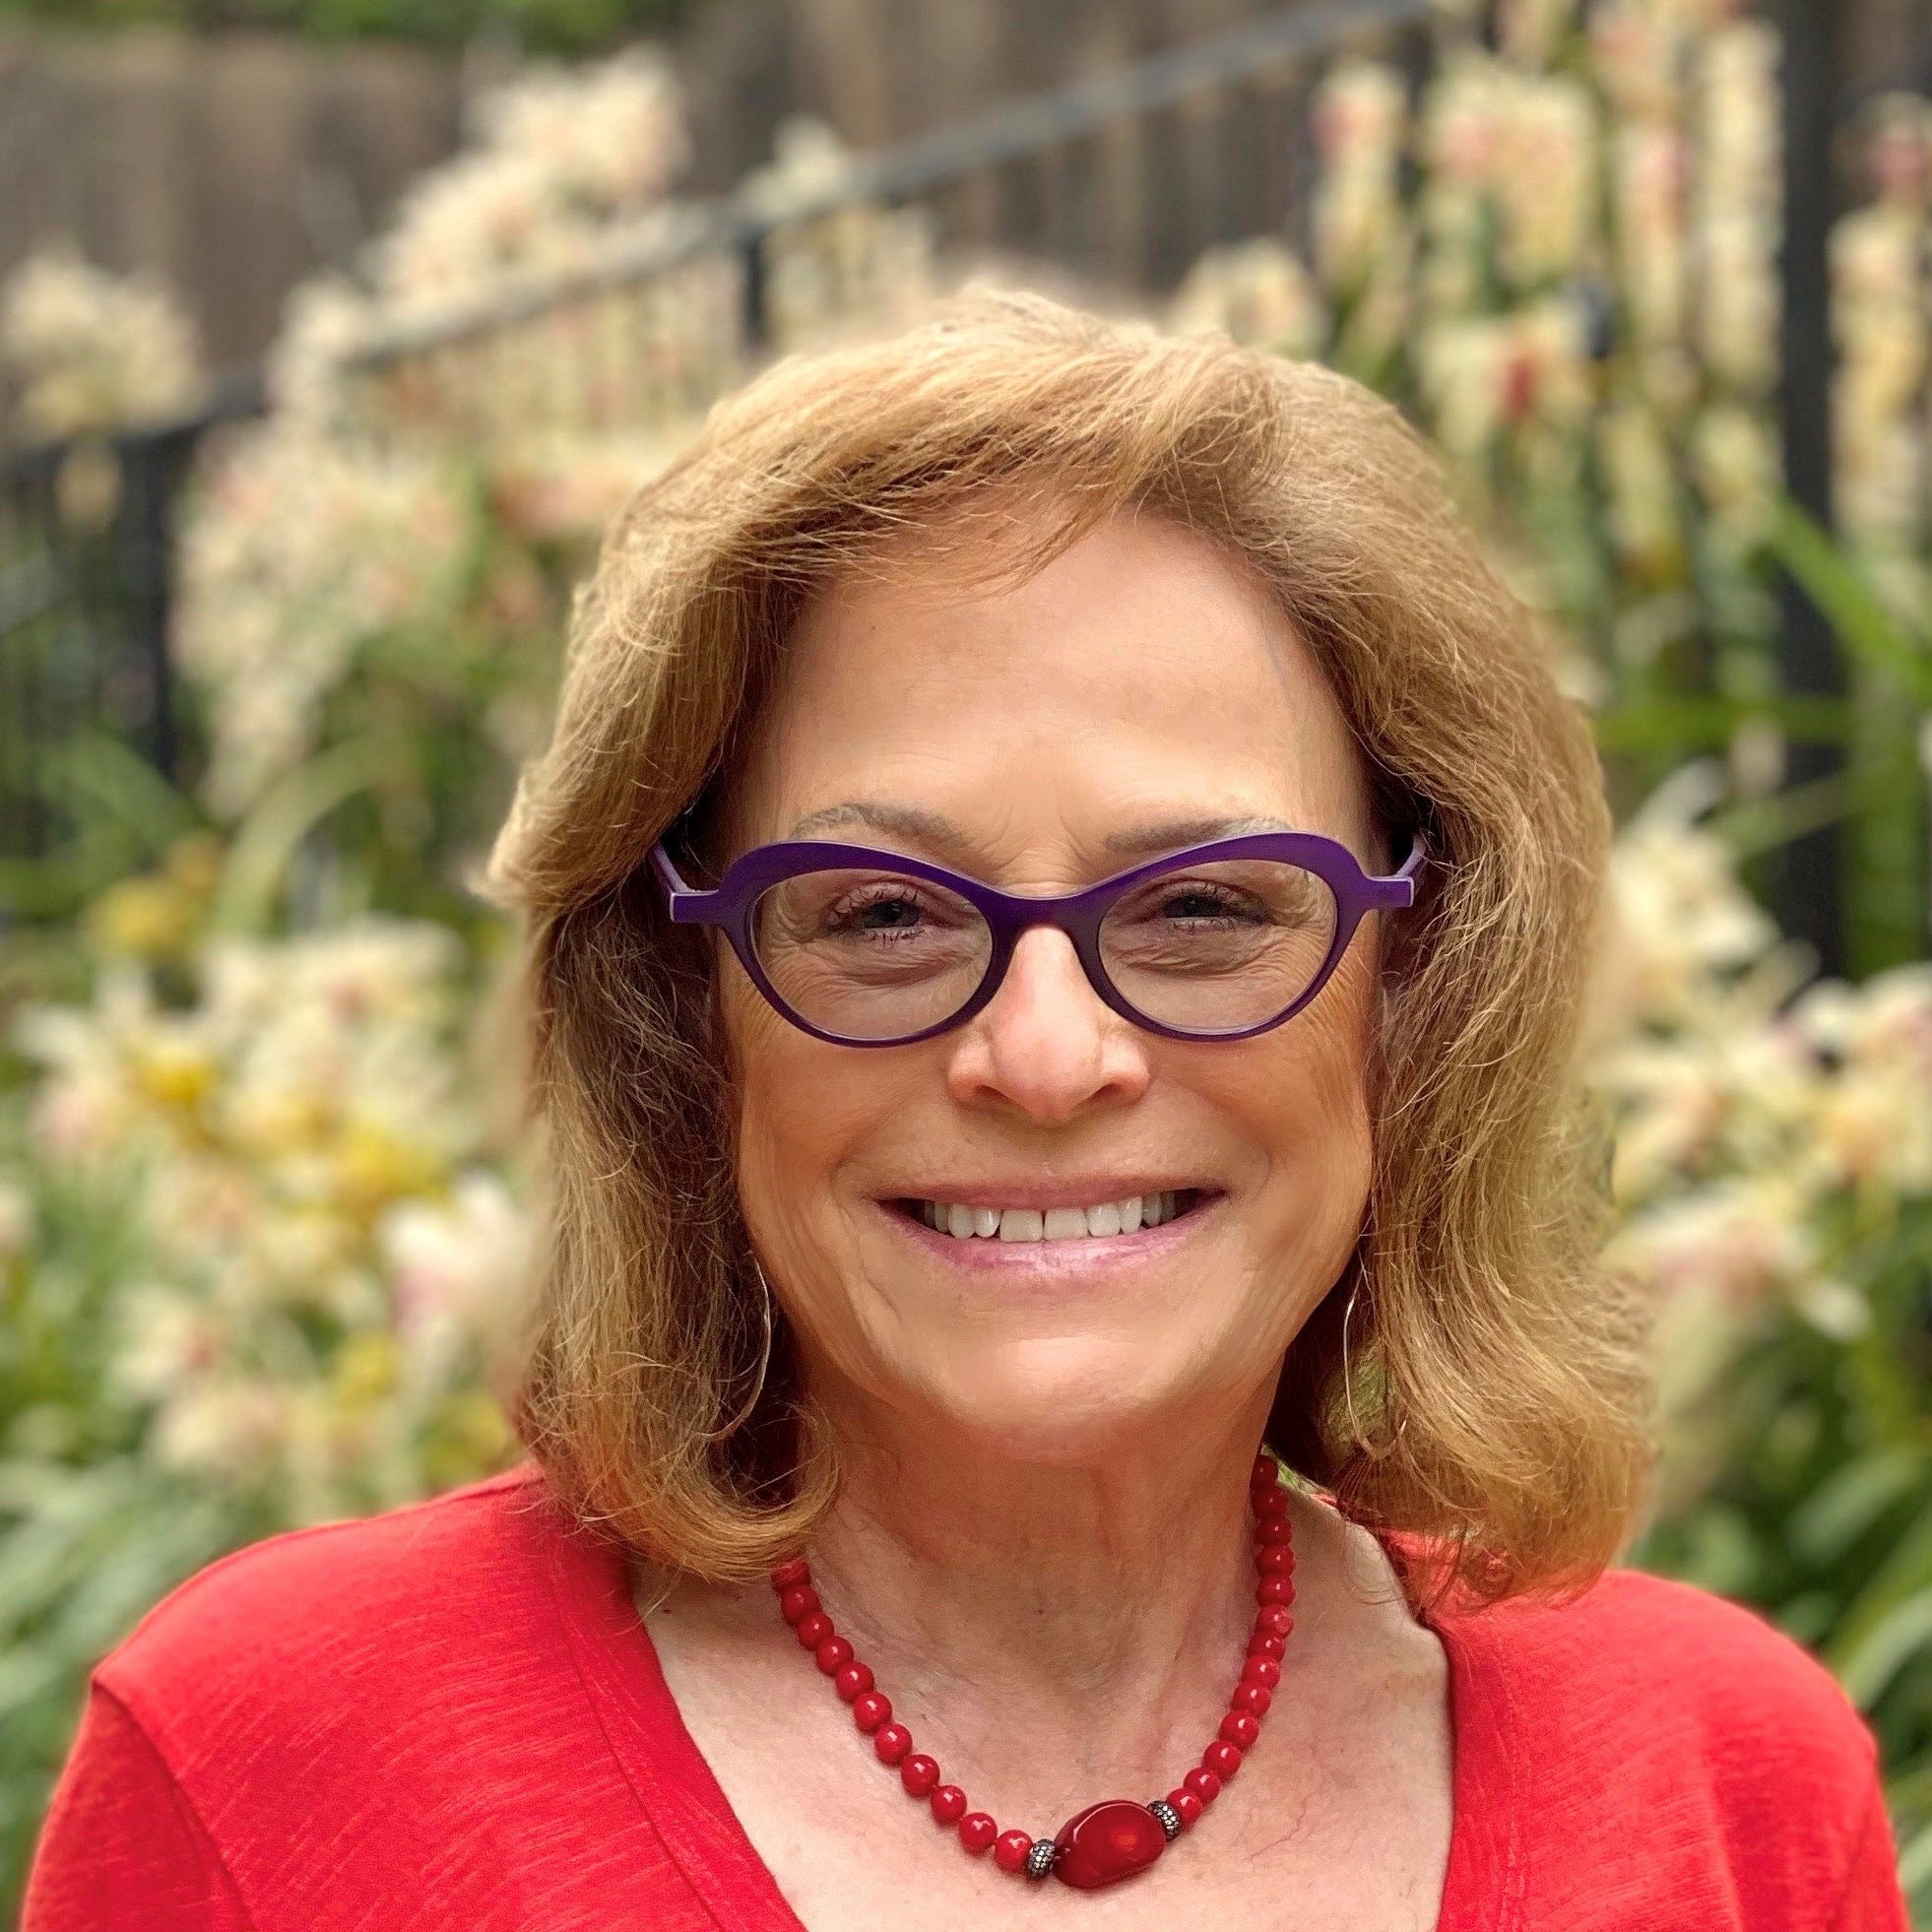 Diana Hilberman